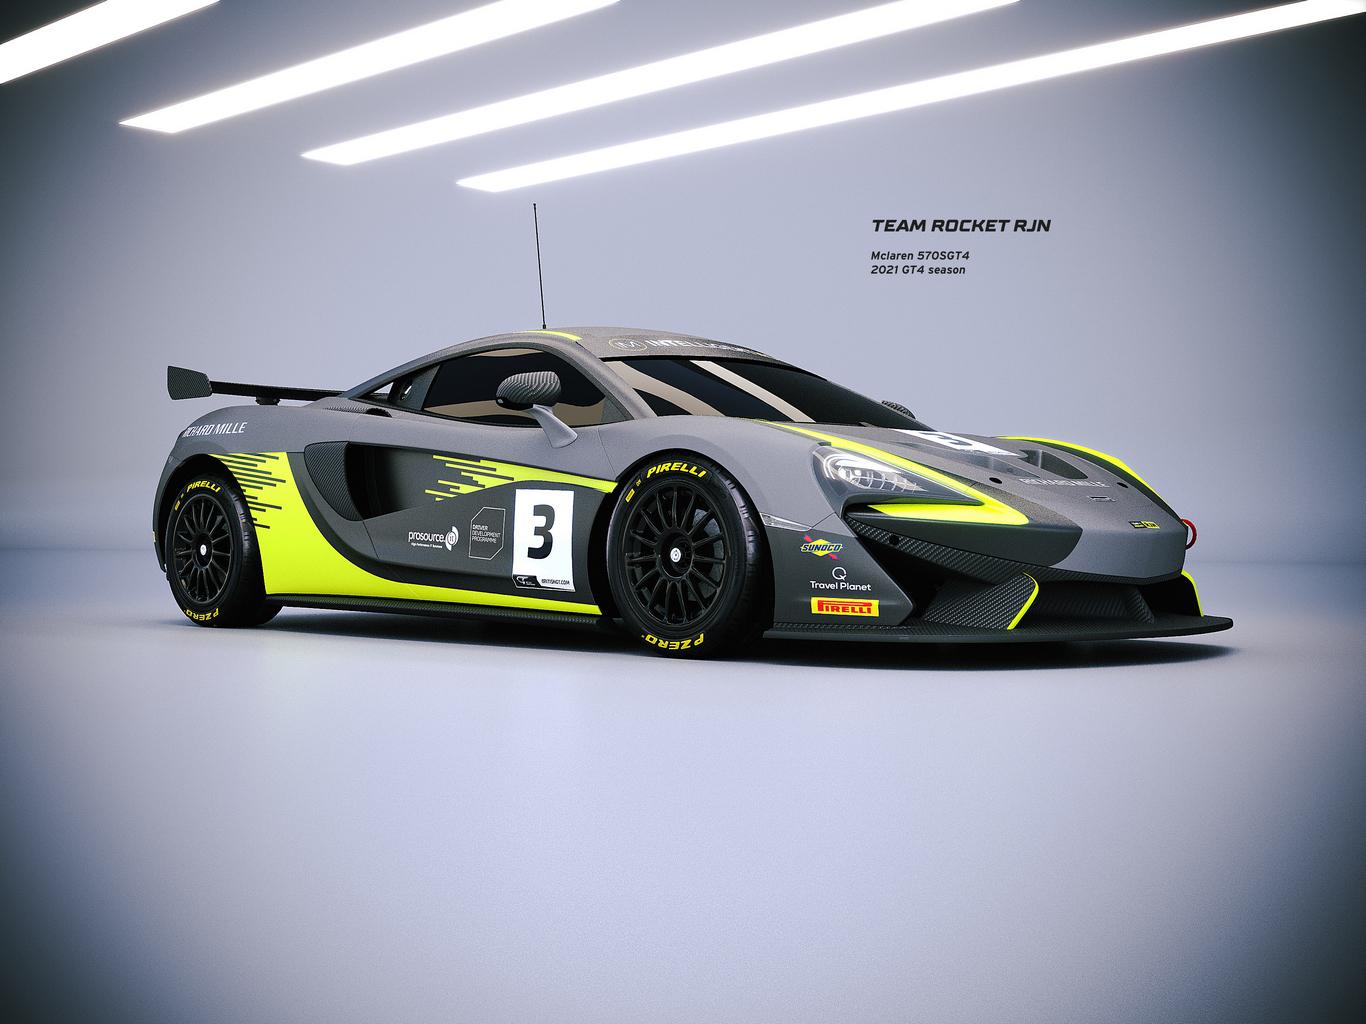 Team Rocket RJN to run McLaren Driver Development Programme's GT4 entries